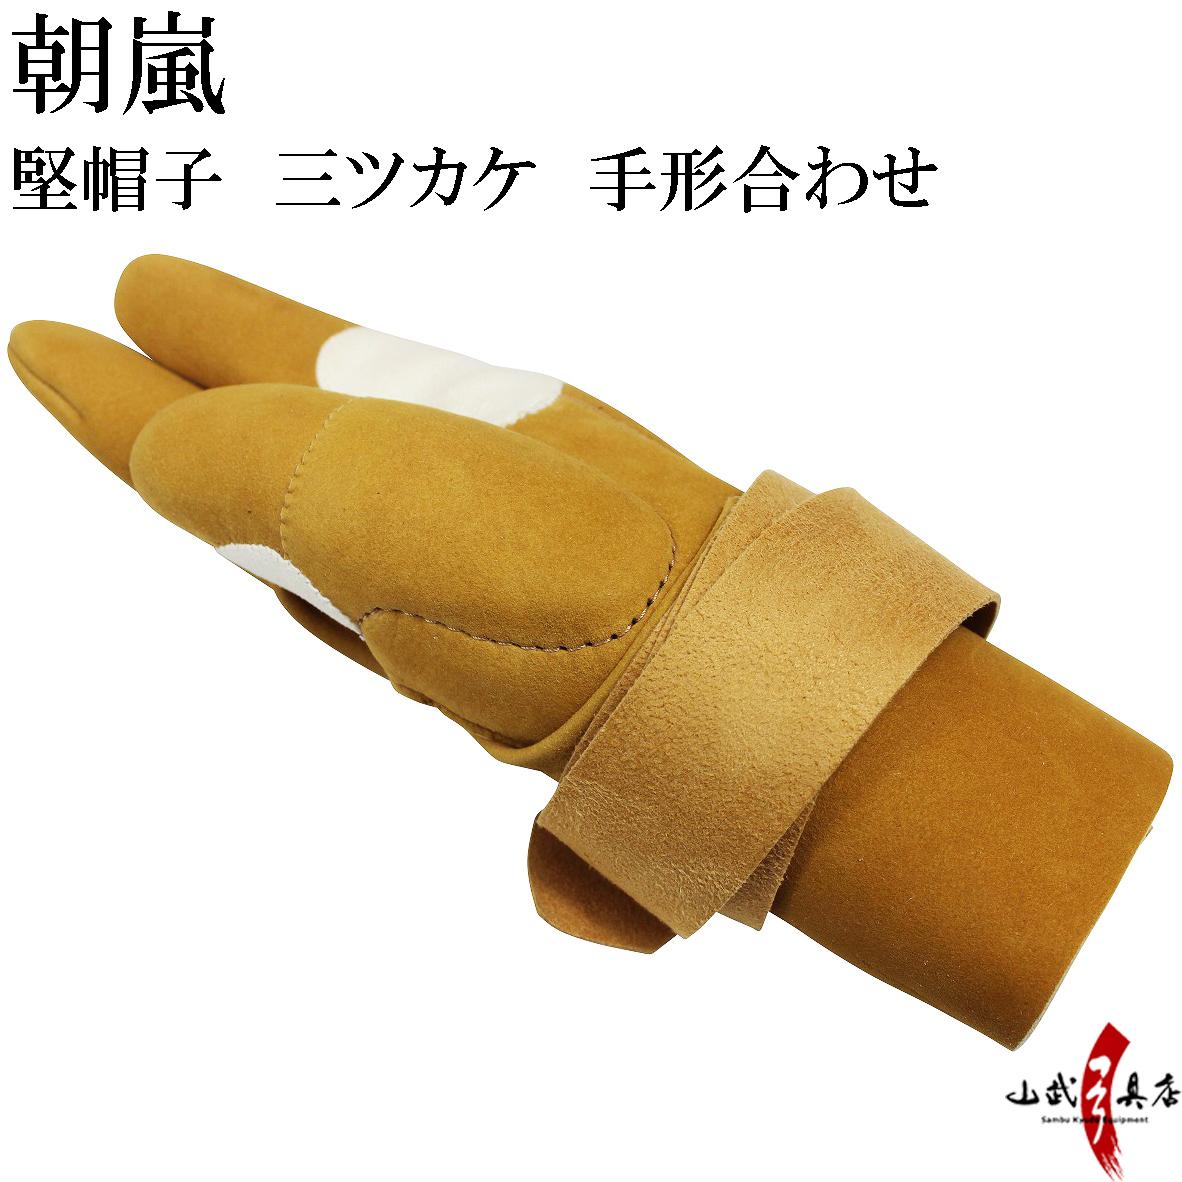 朝嵐 堅帽子 三ツカケ手形合わせ弓具 ユガケ 三つがけ 商品番号J-170